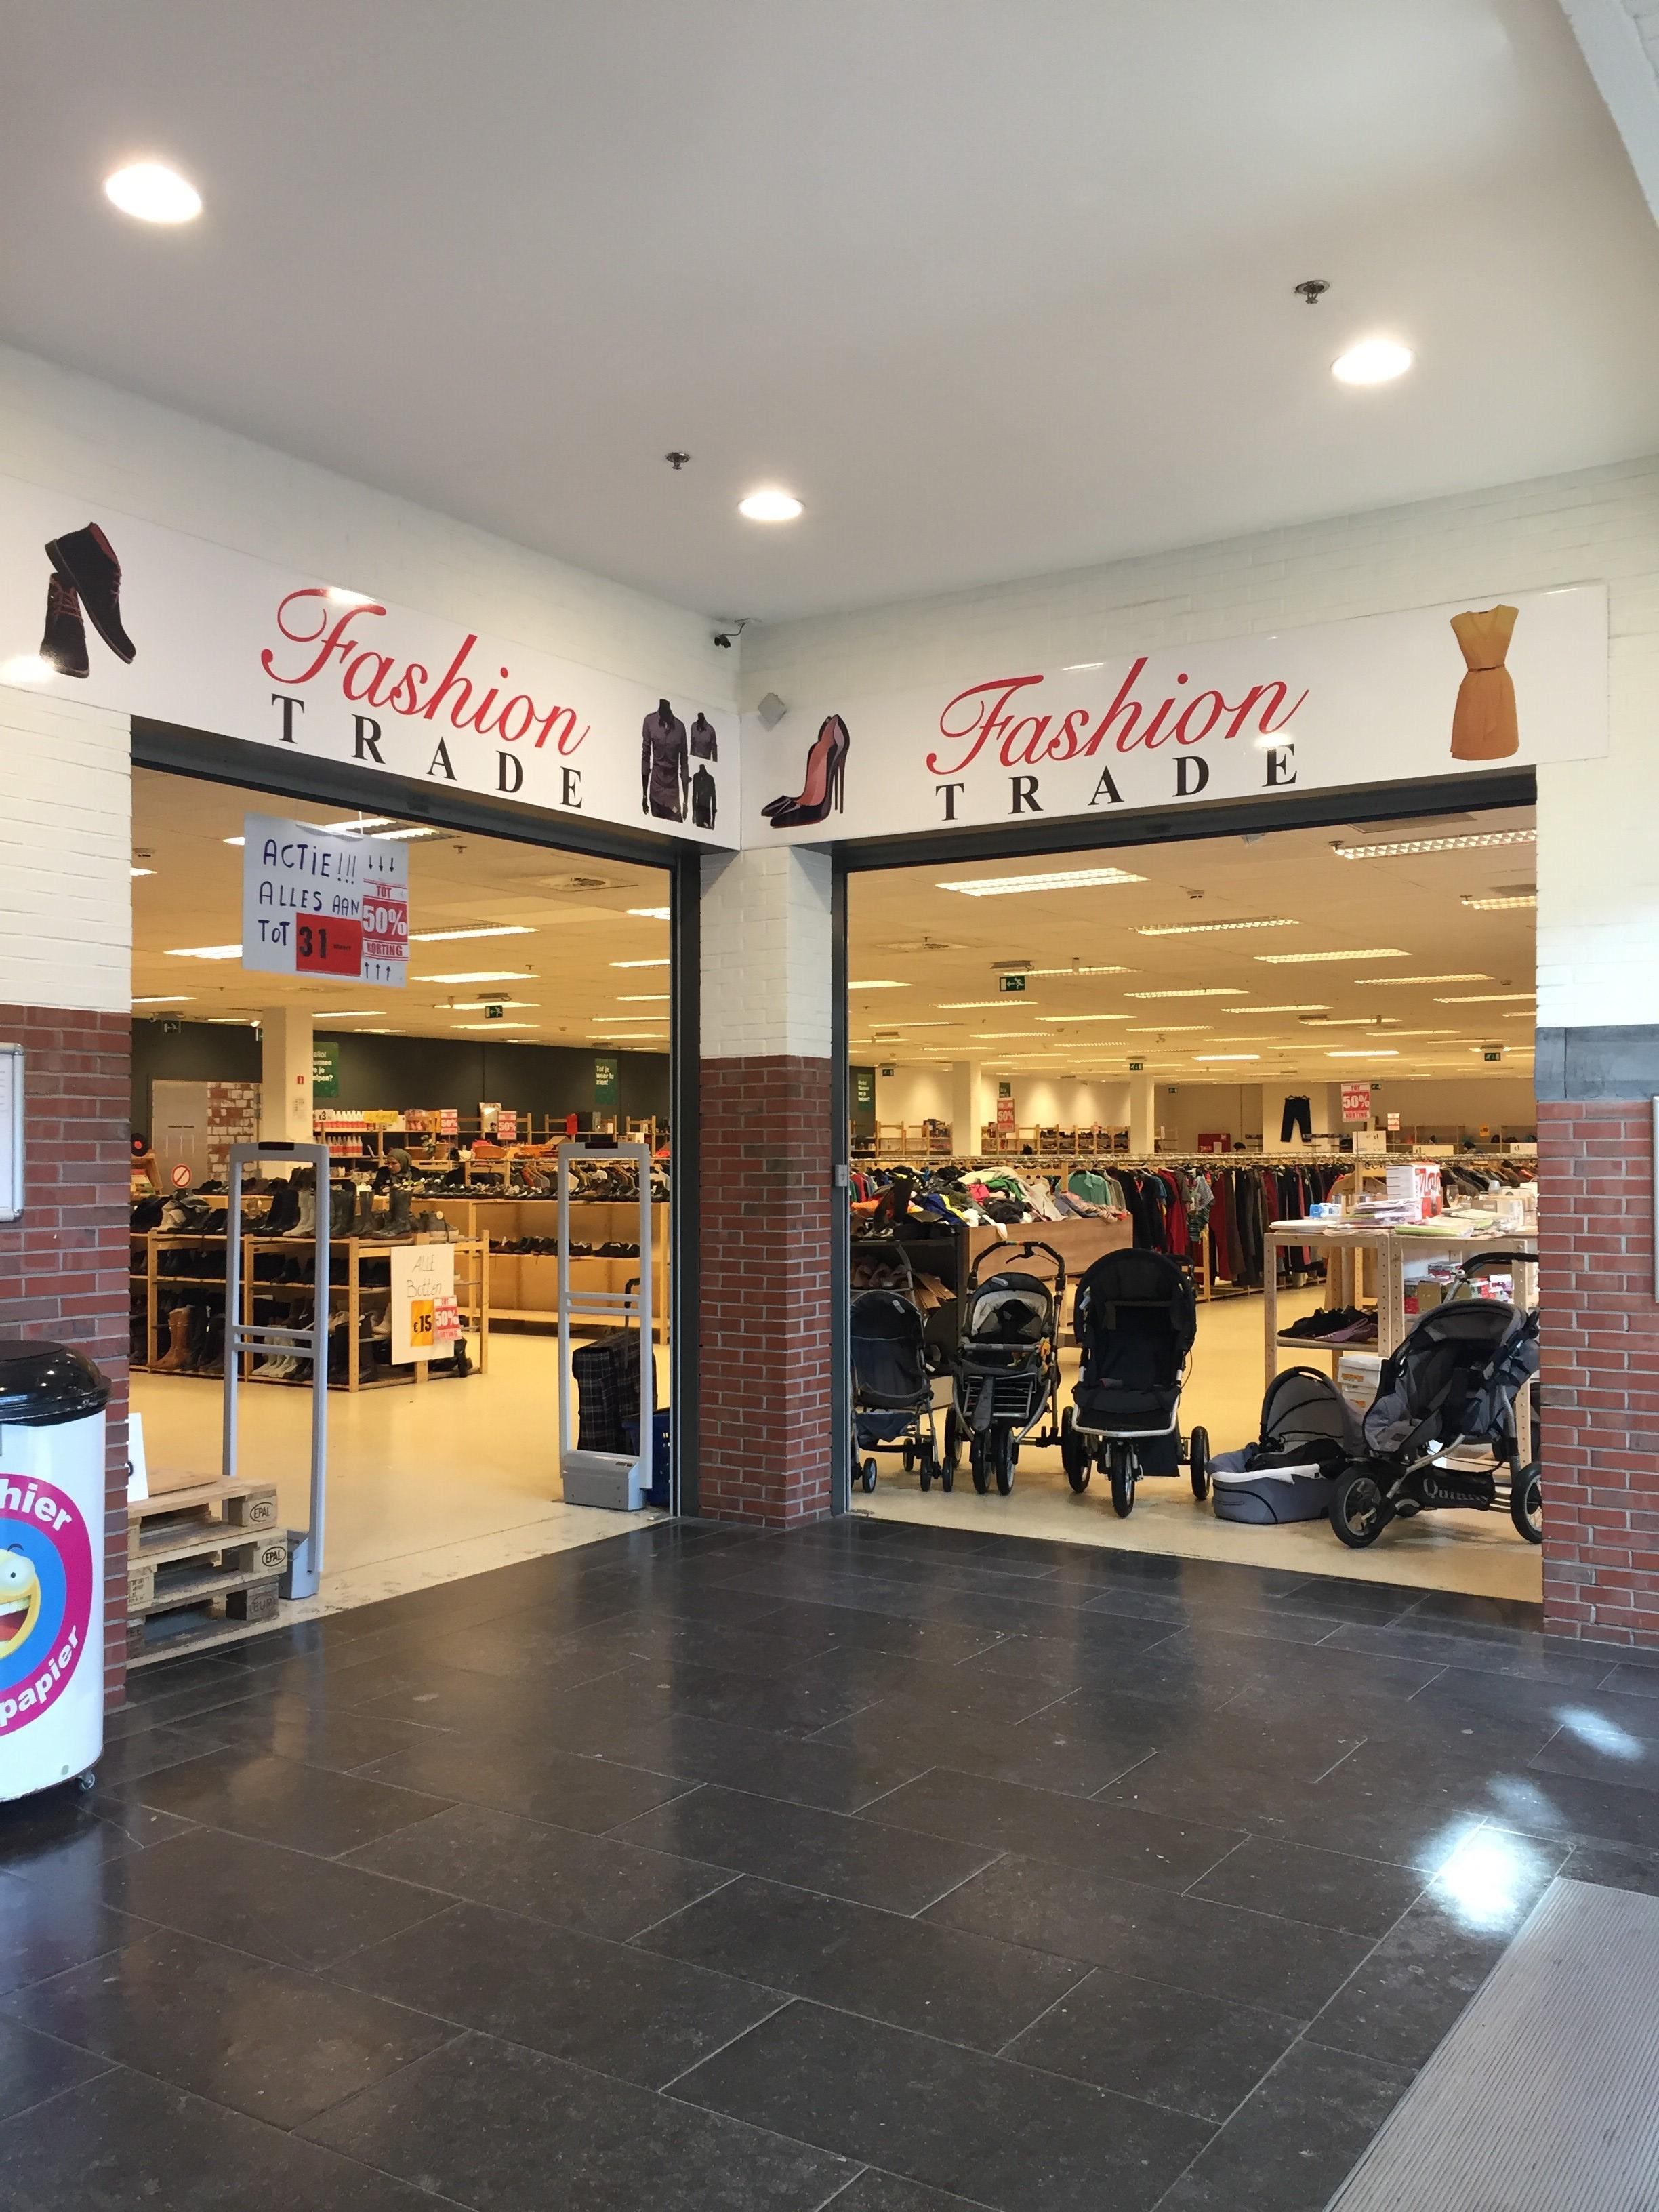 Foto Fashion Trade